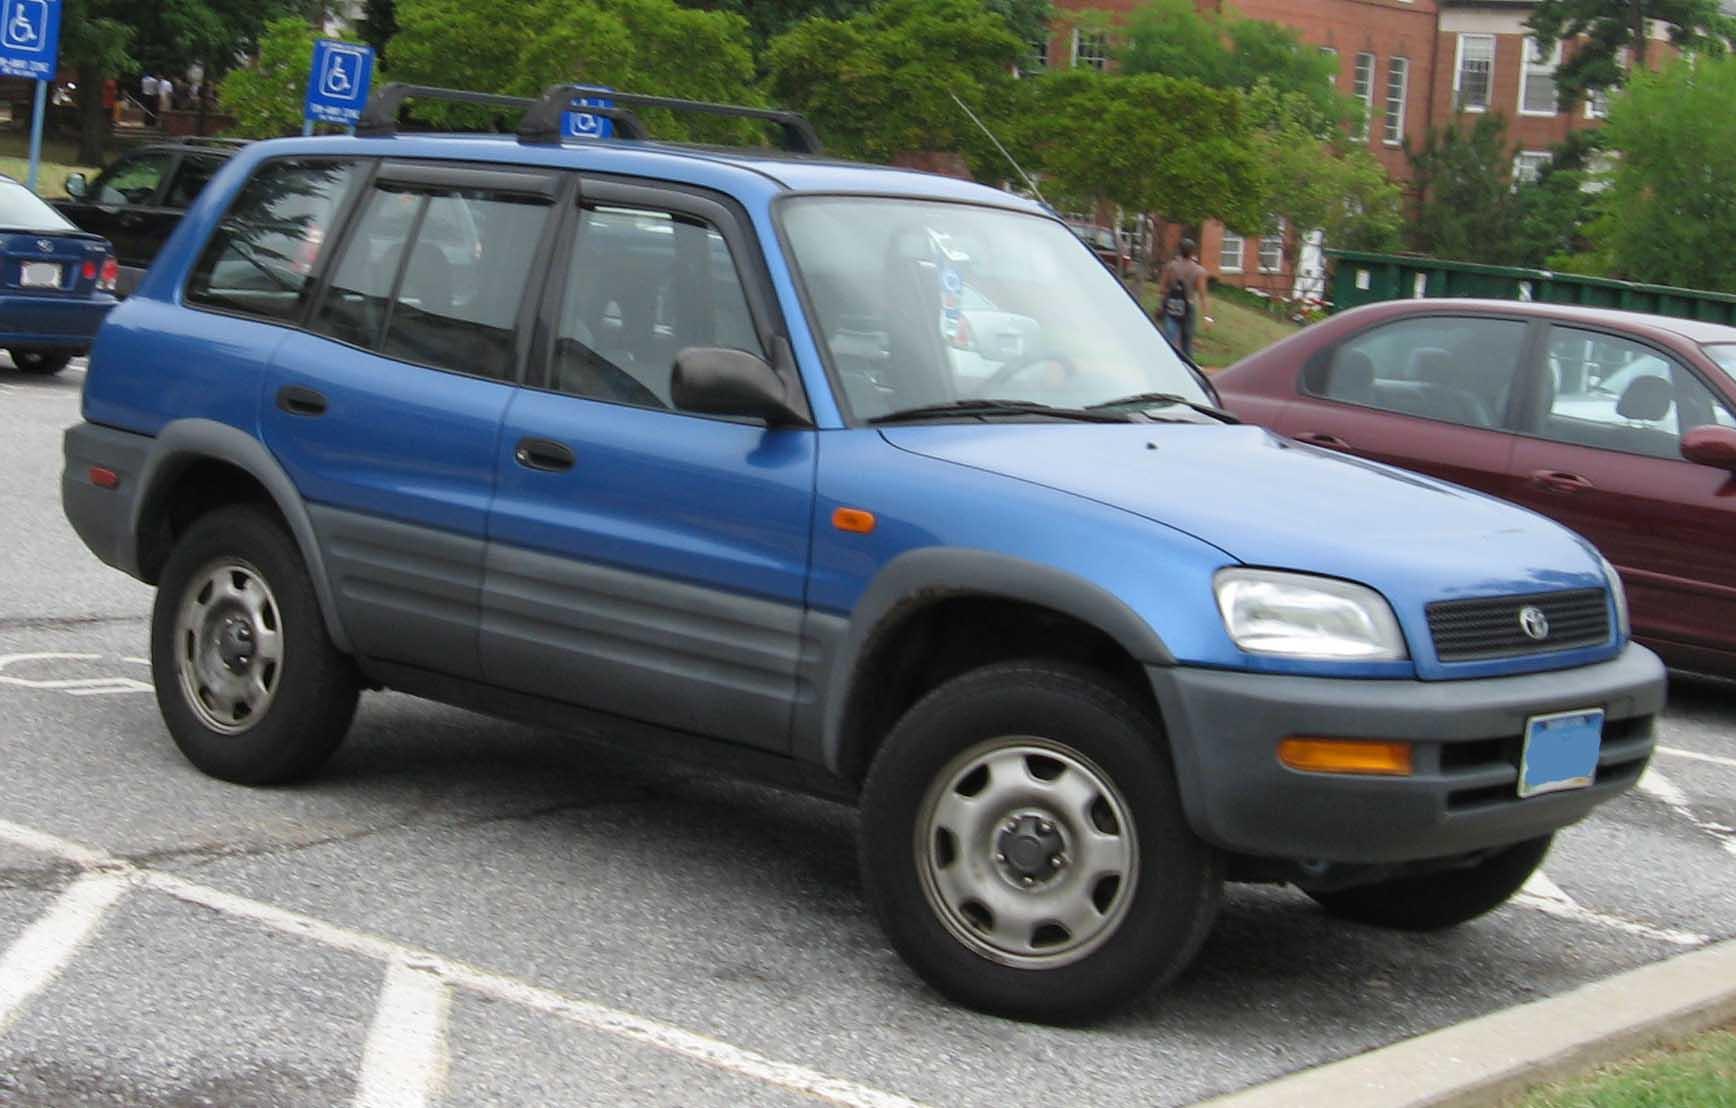 1998 Rav4 Custom >> File:96-97 Toyota RAV4.jpg - Wikimedia Commons